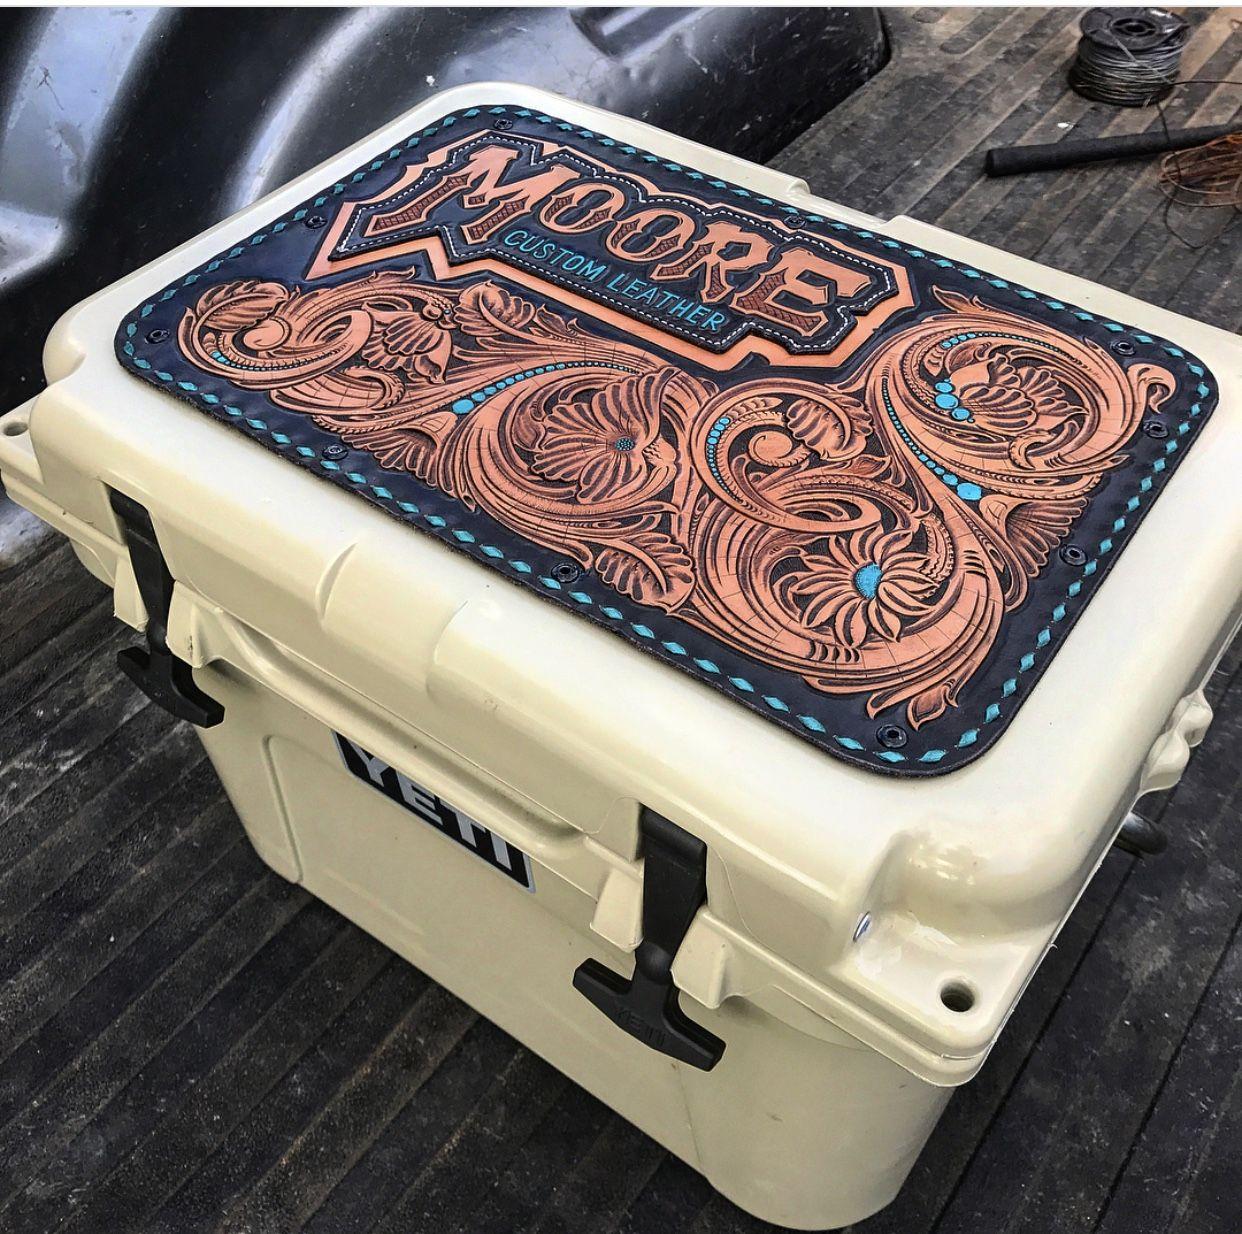 tooling  toolingleather  tooledleather  leatherwork  western  rodeo yeti  tooled leather yeti cooler 0c26e3fac50e